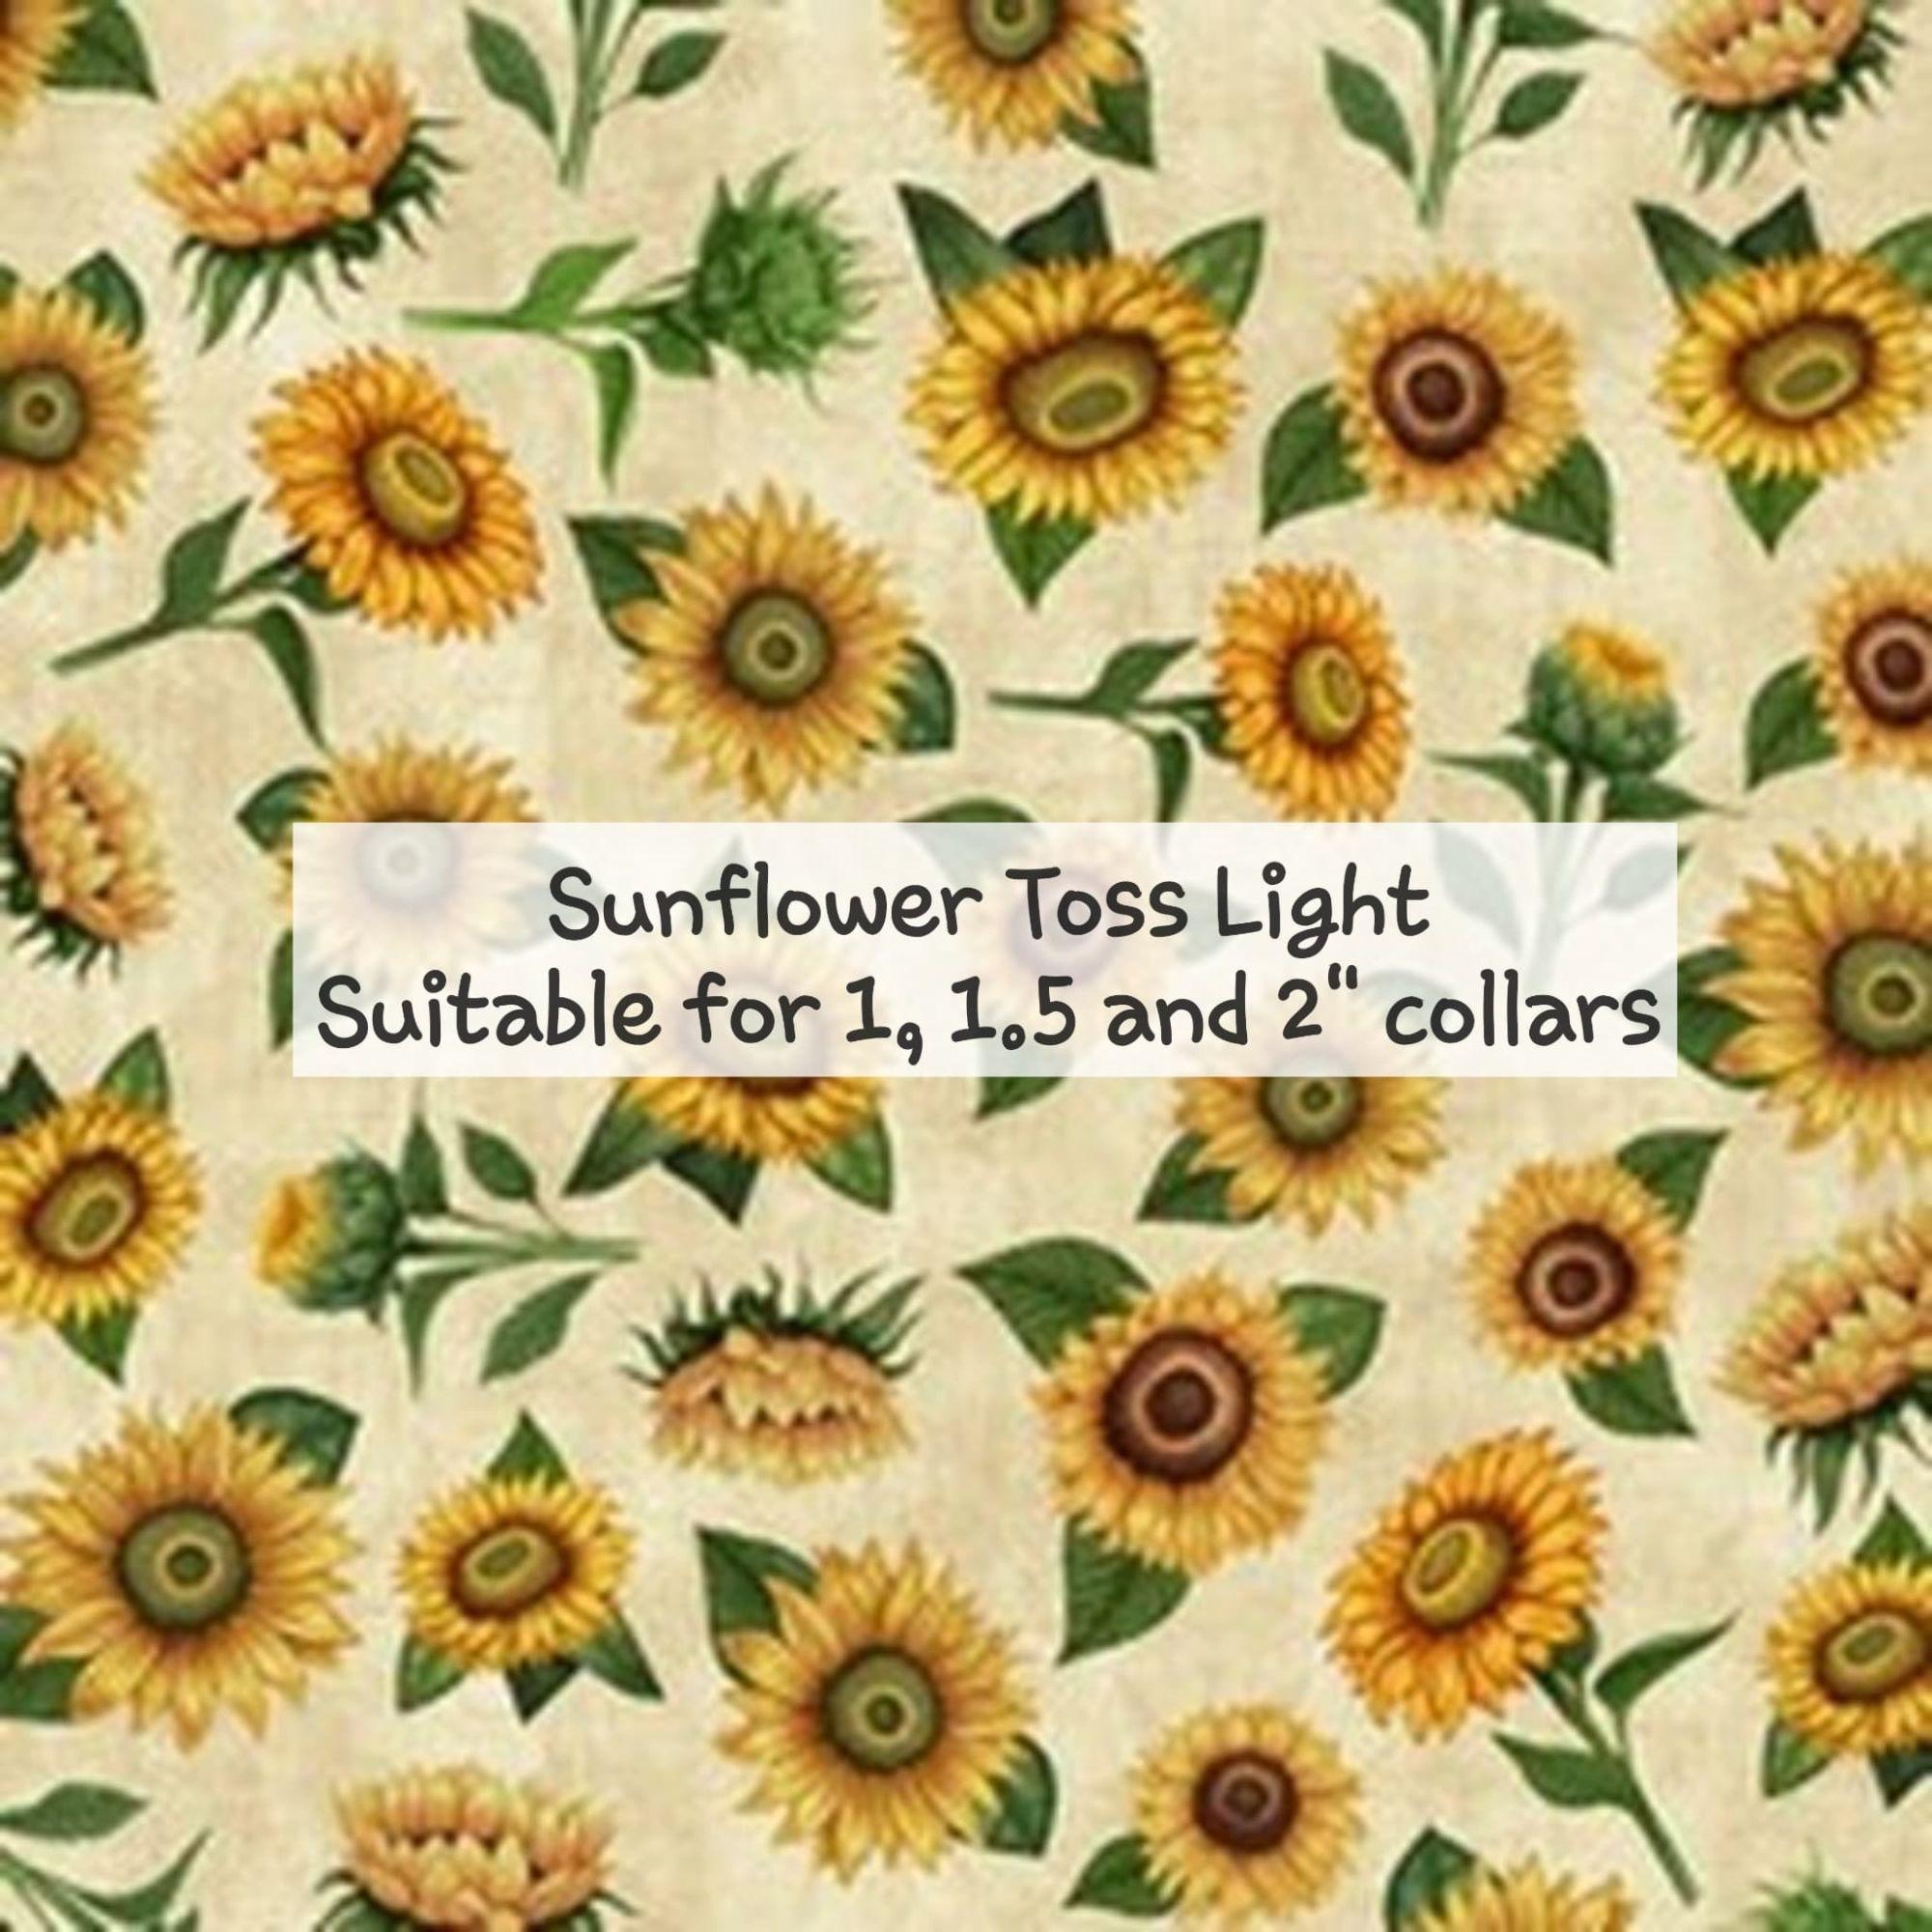 sunflower toss light